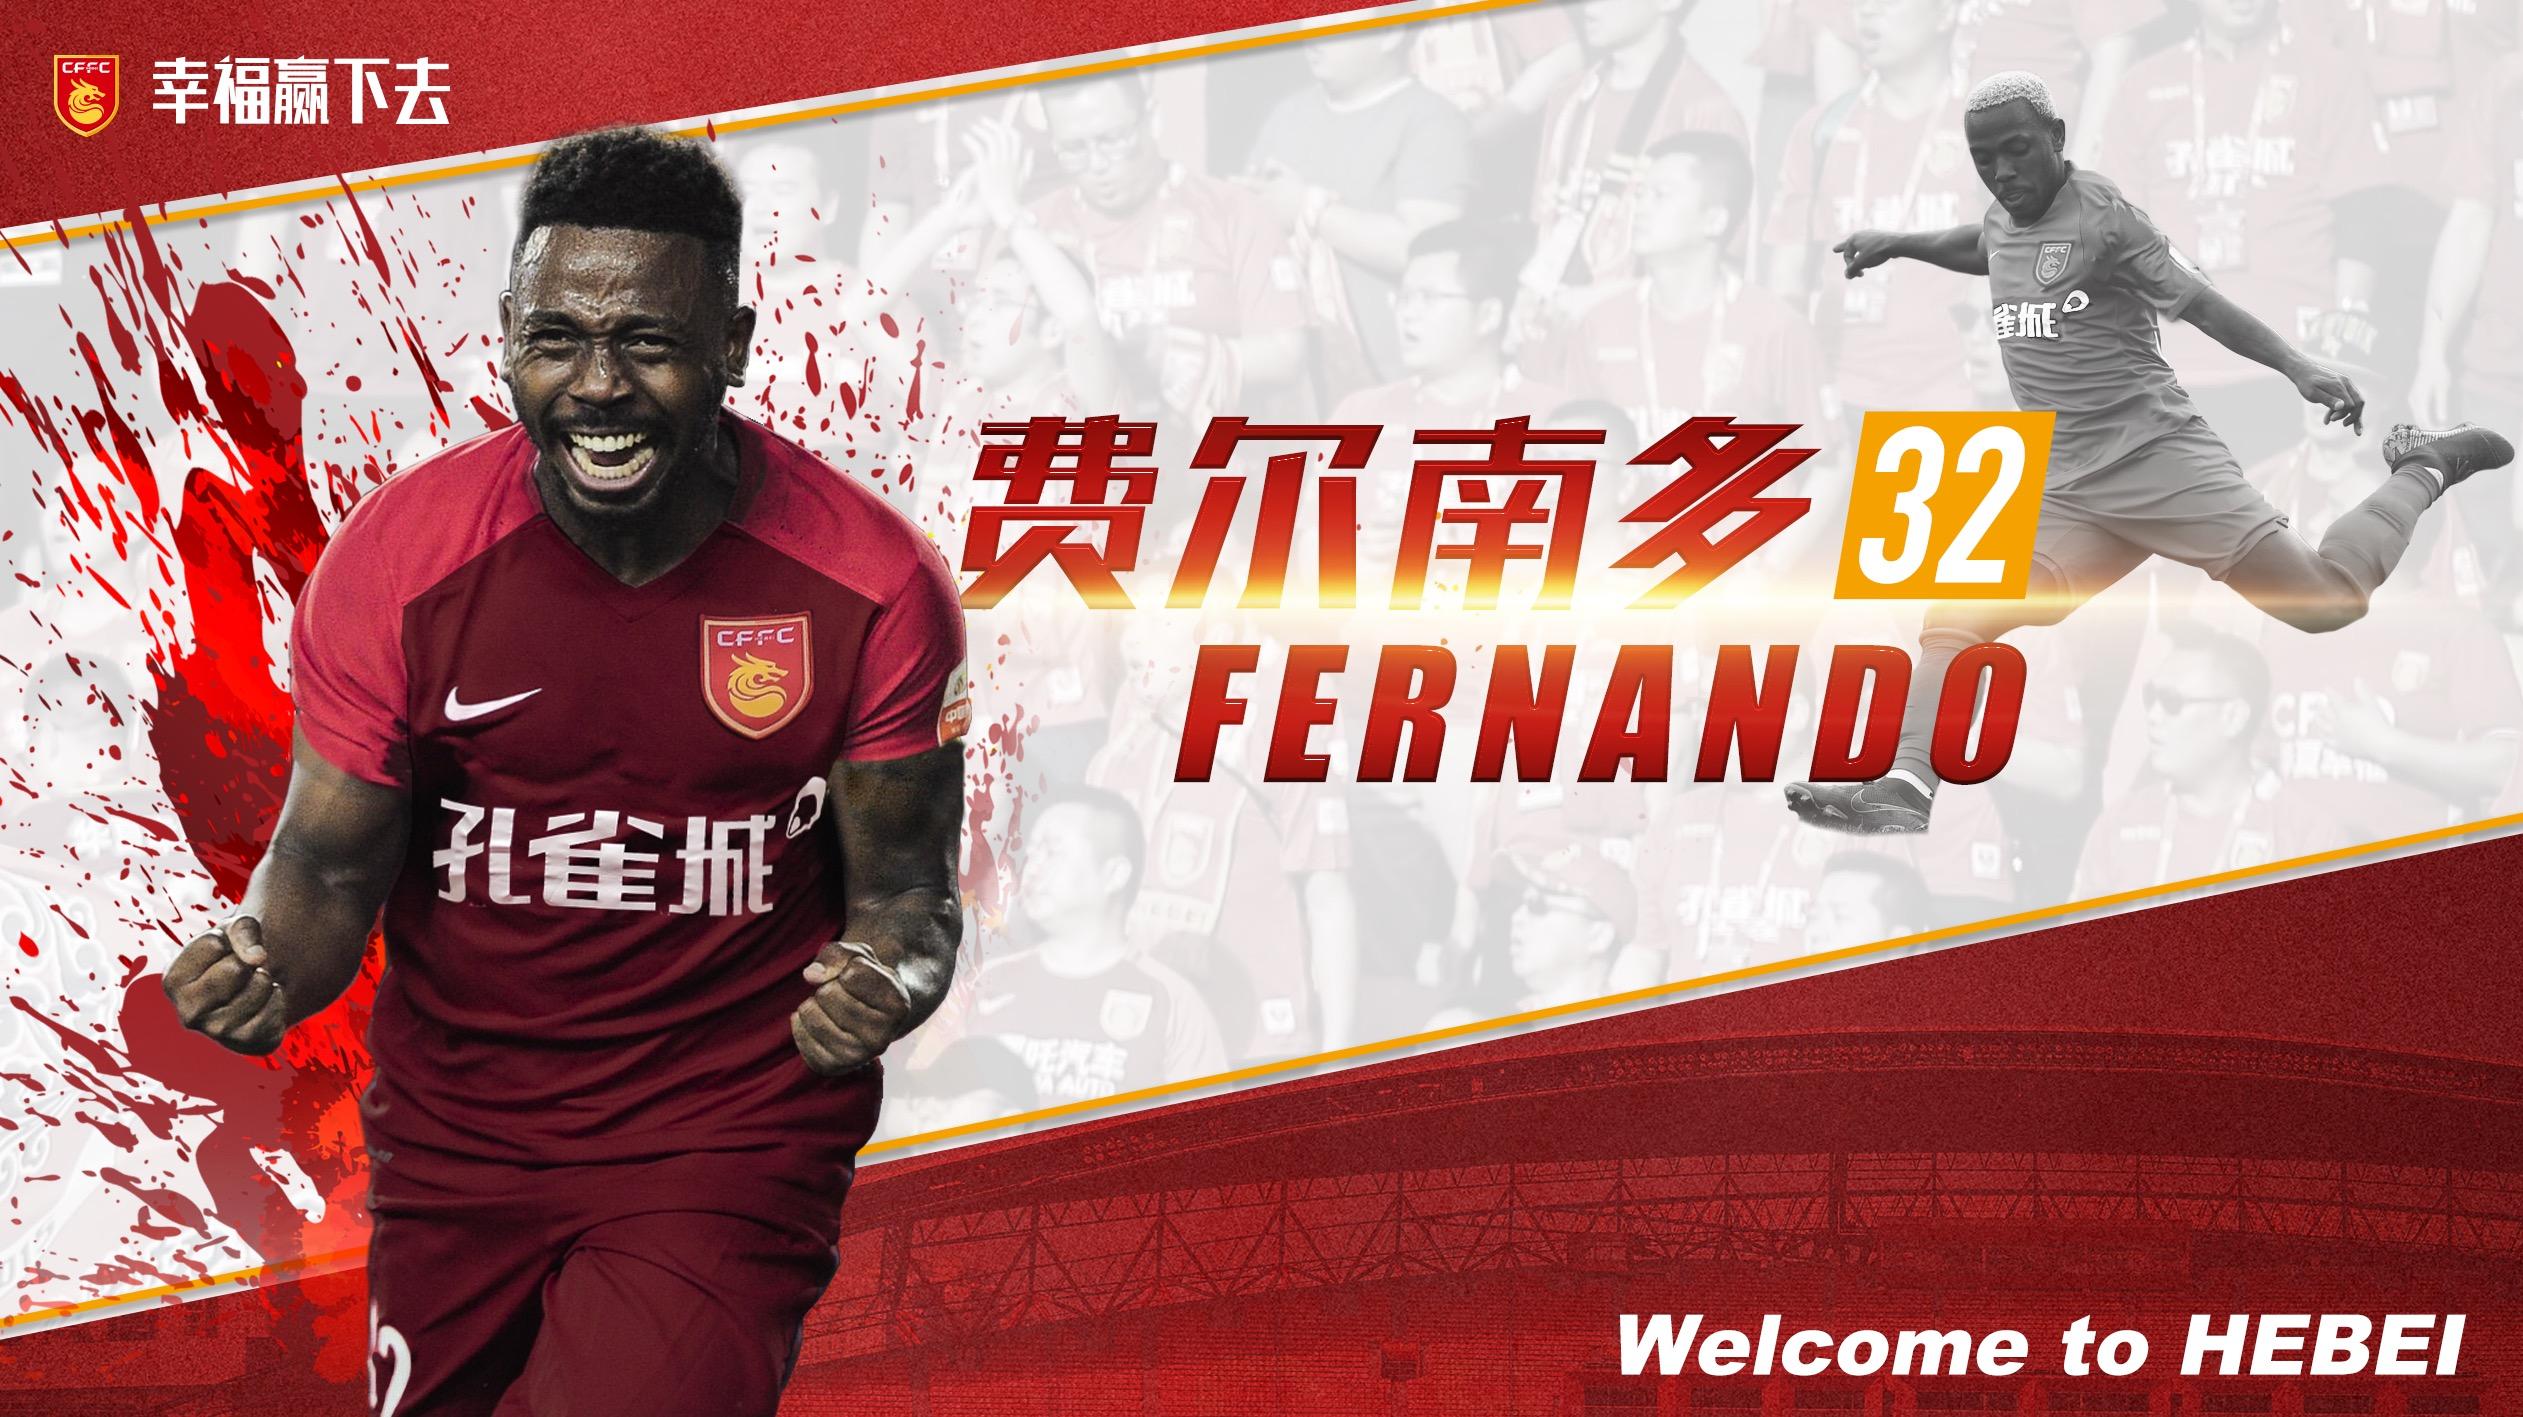 公告 | 费尔南多加盟河北华夏幸福足球俱乐部